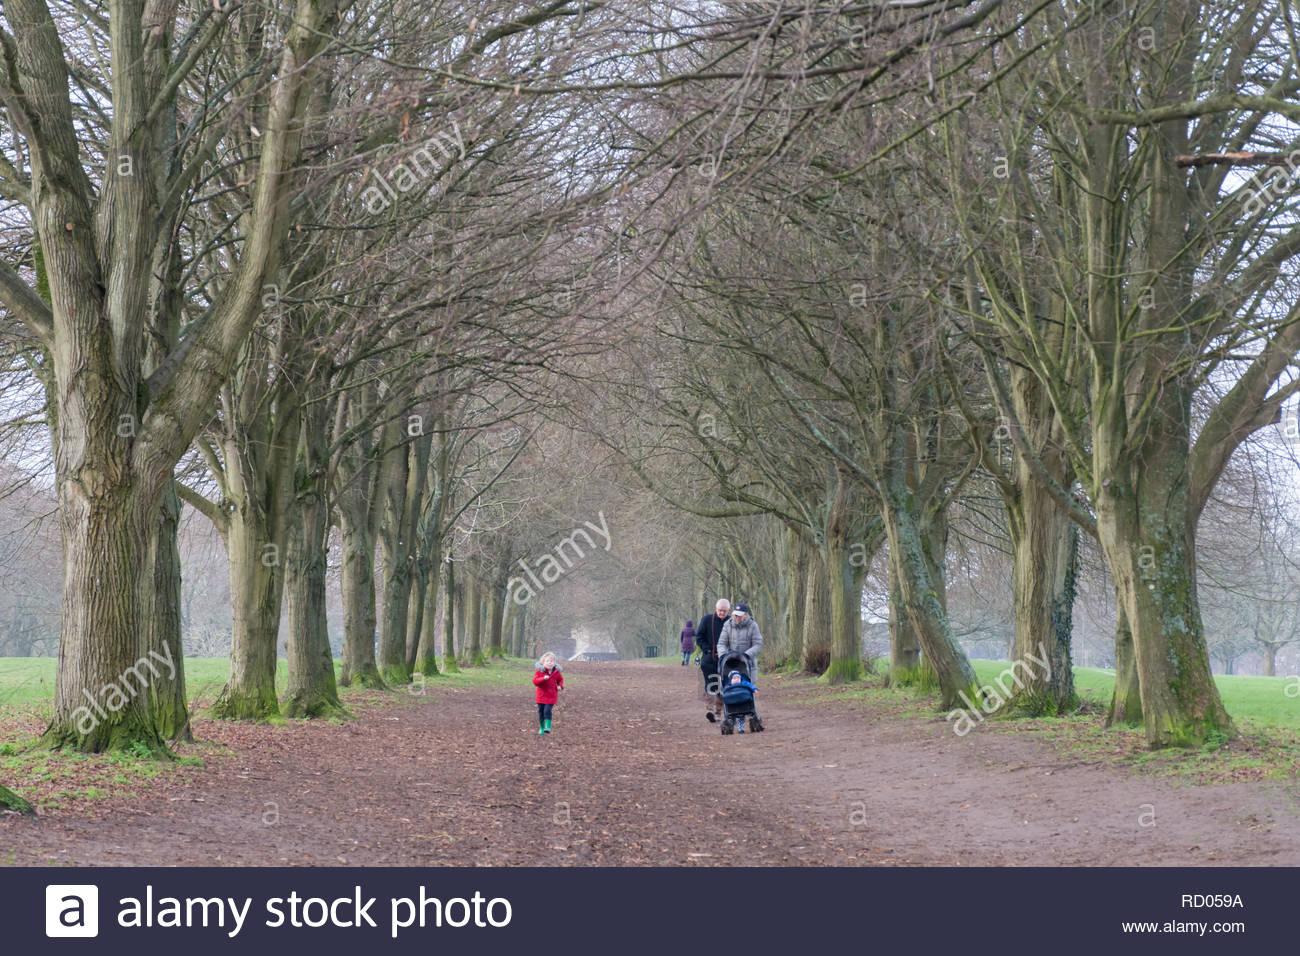 Les gens qui vont pour une marche d'hiver sous des arbres à Farnham Park, Surrey, UK. La vie quotidienne. Photo Stock